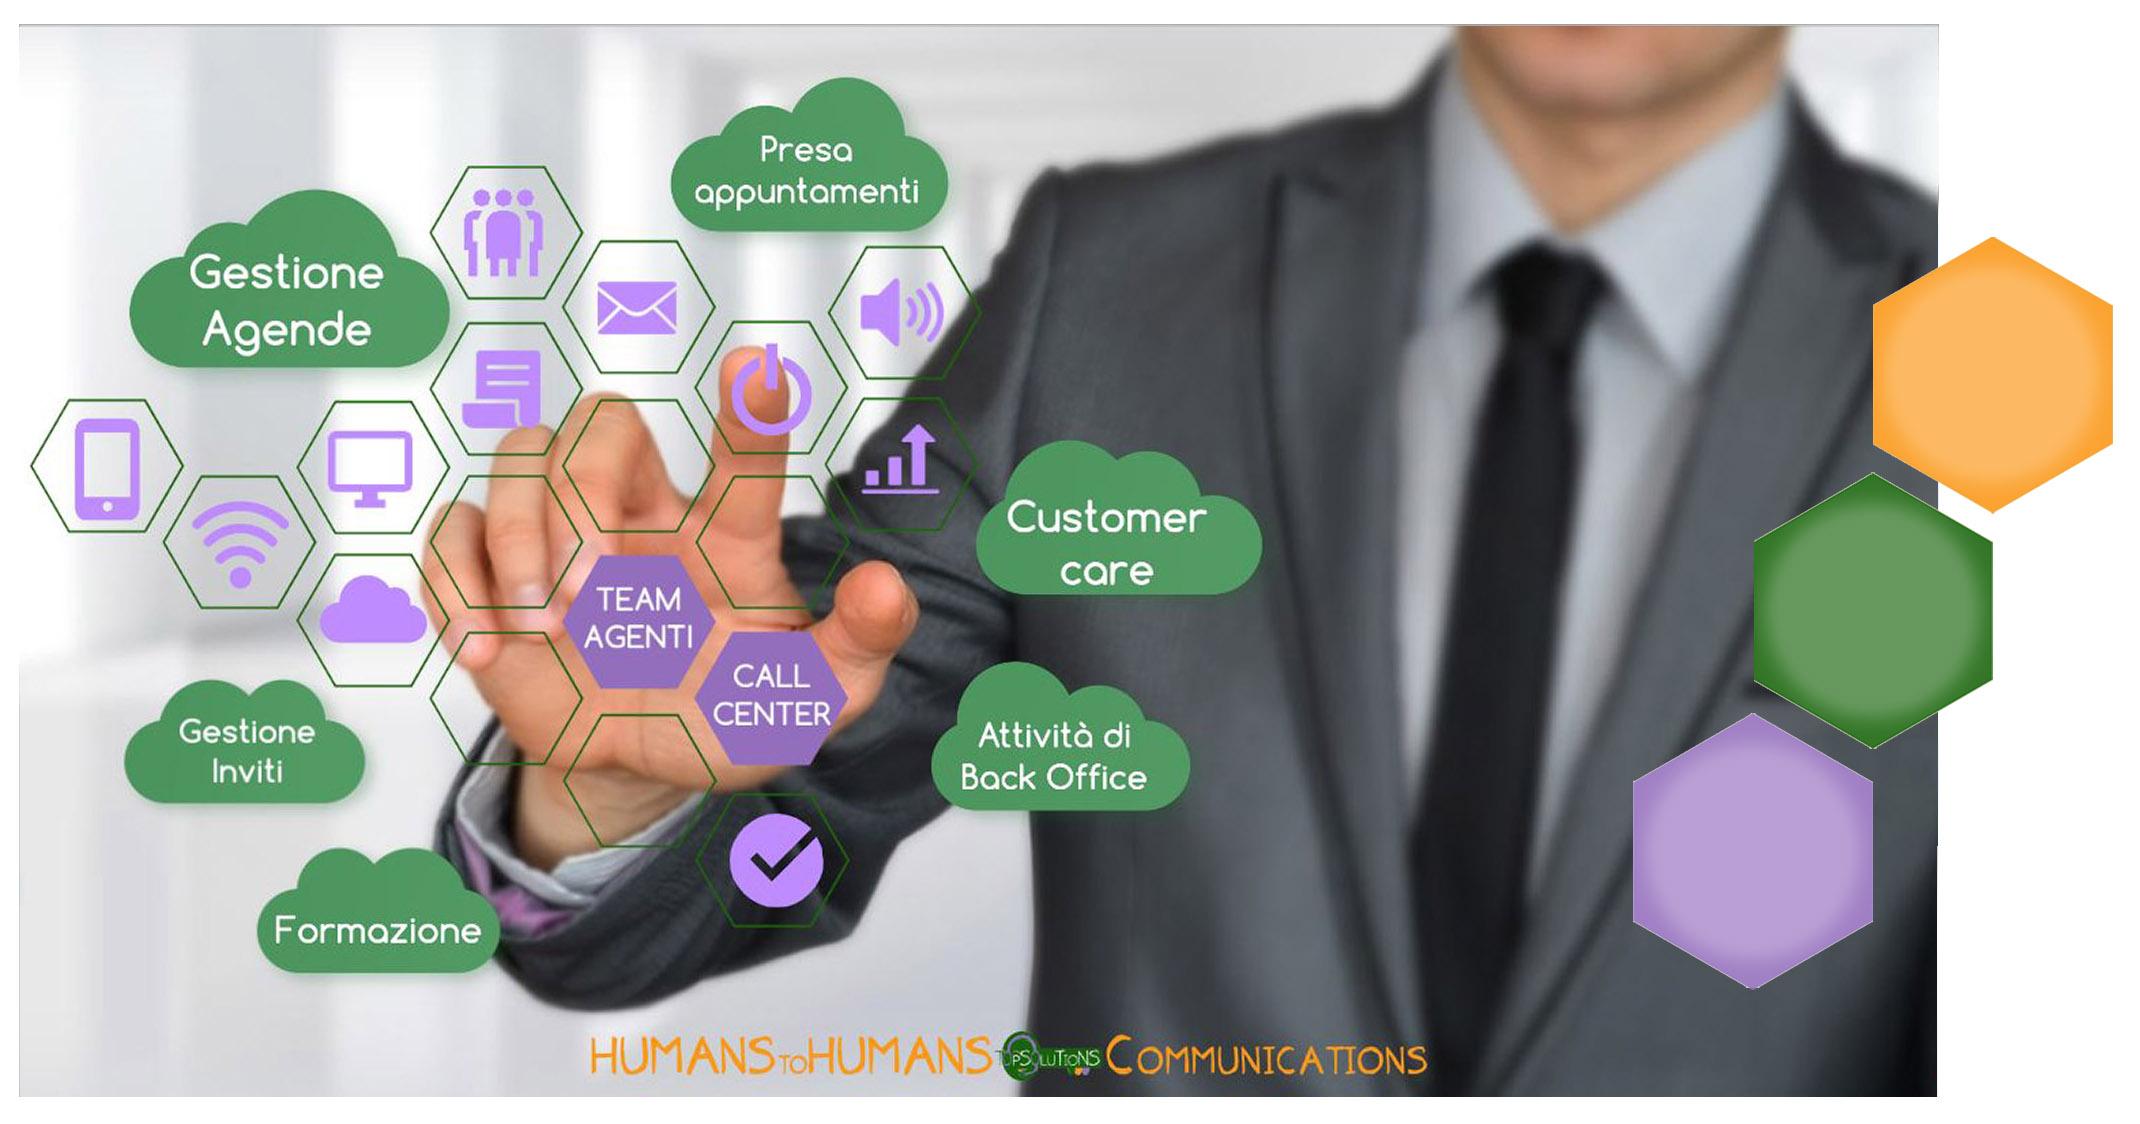 gestione inviti servizi b2b top solutions torino